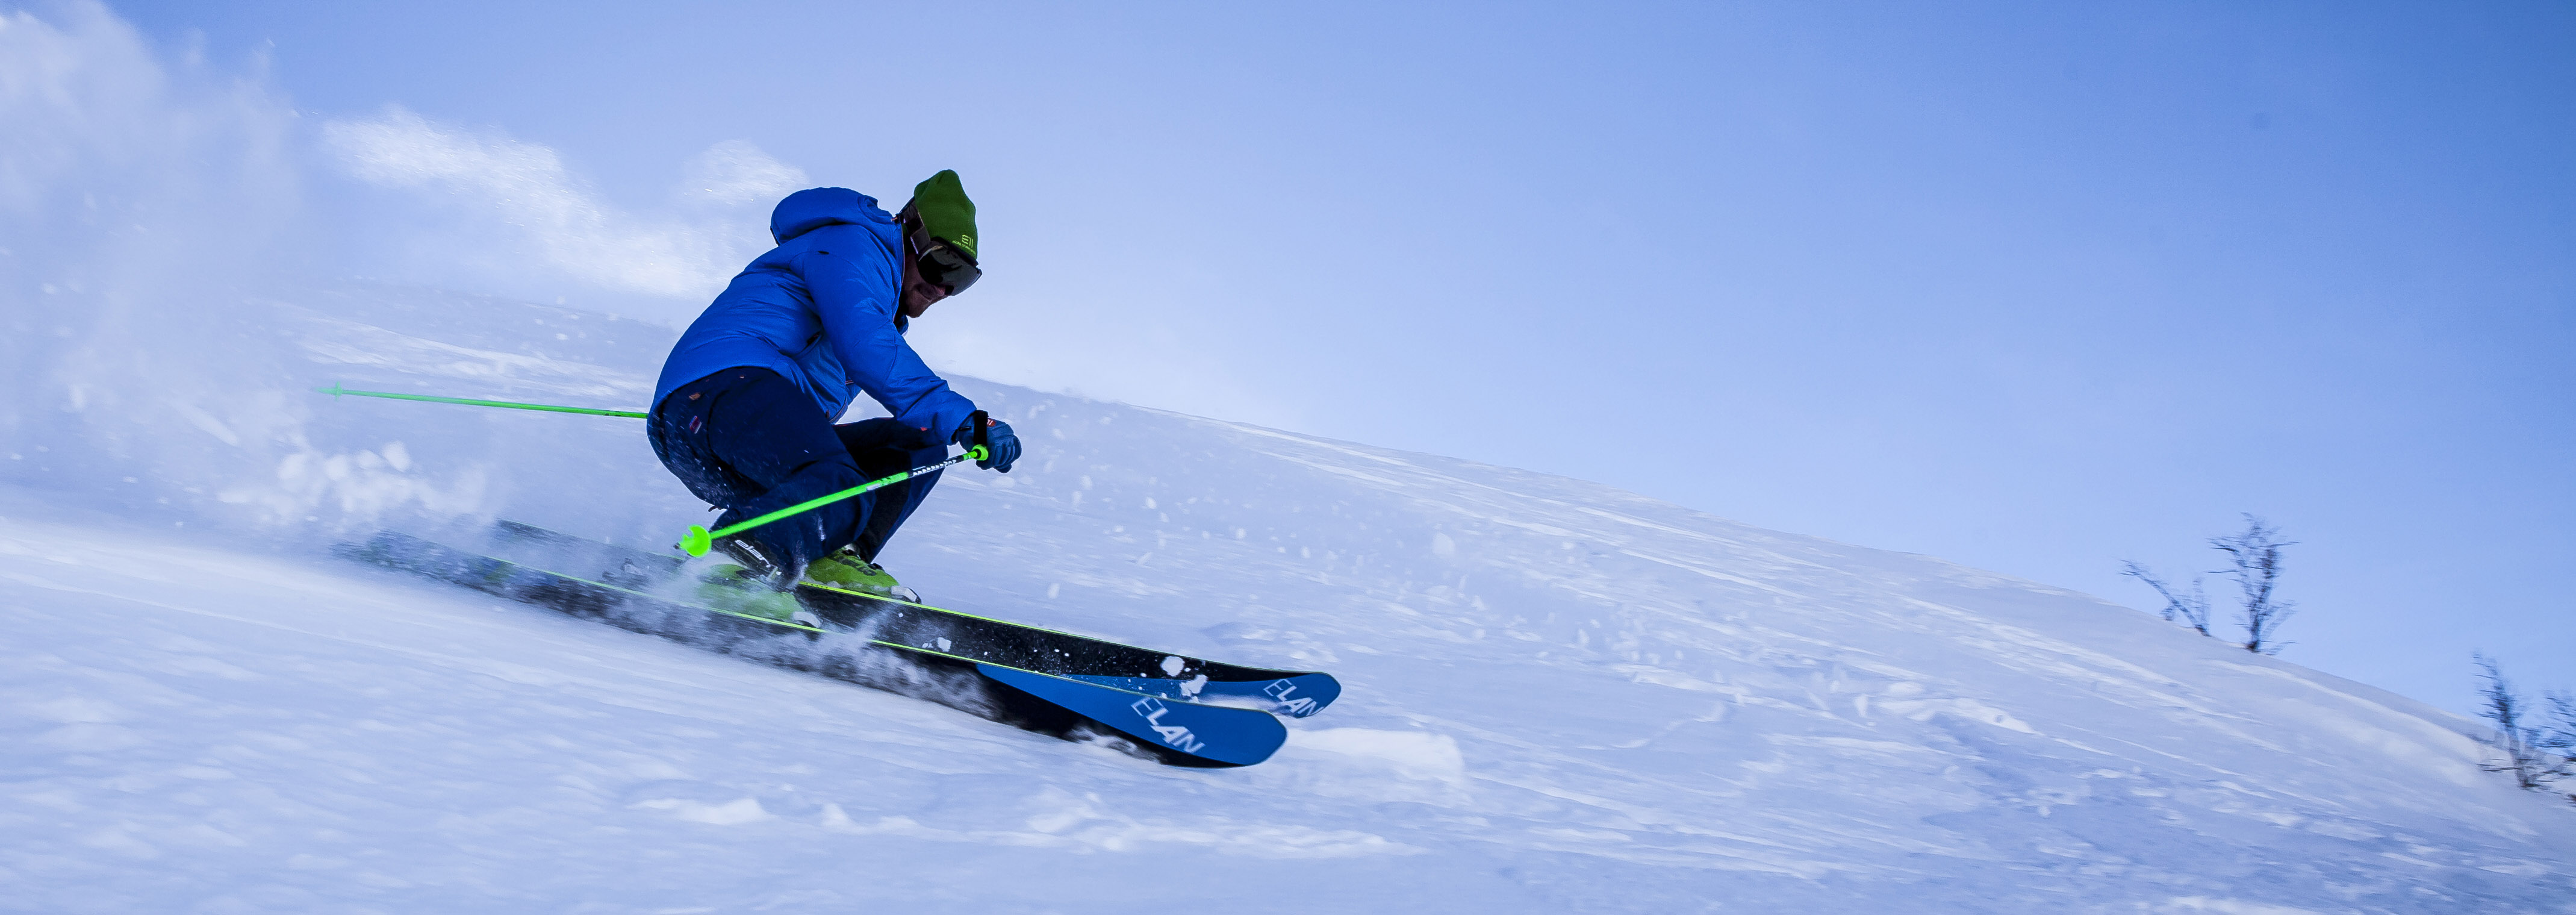 footer-skiier.jpg